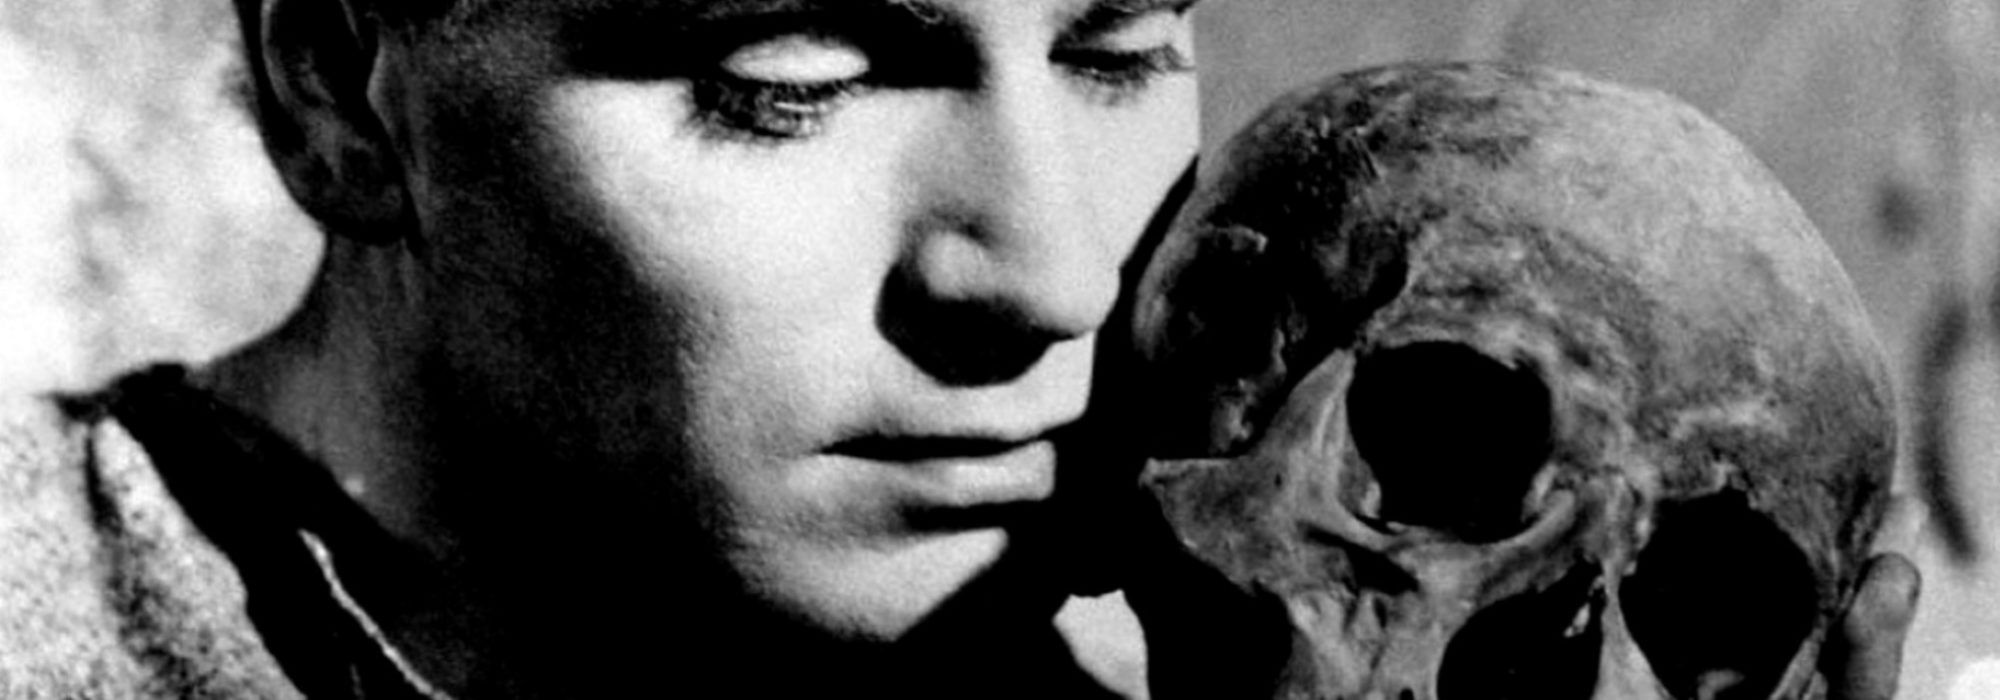 Foto: Laurence Olivier em Hamlet (1948)